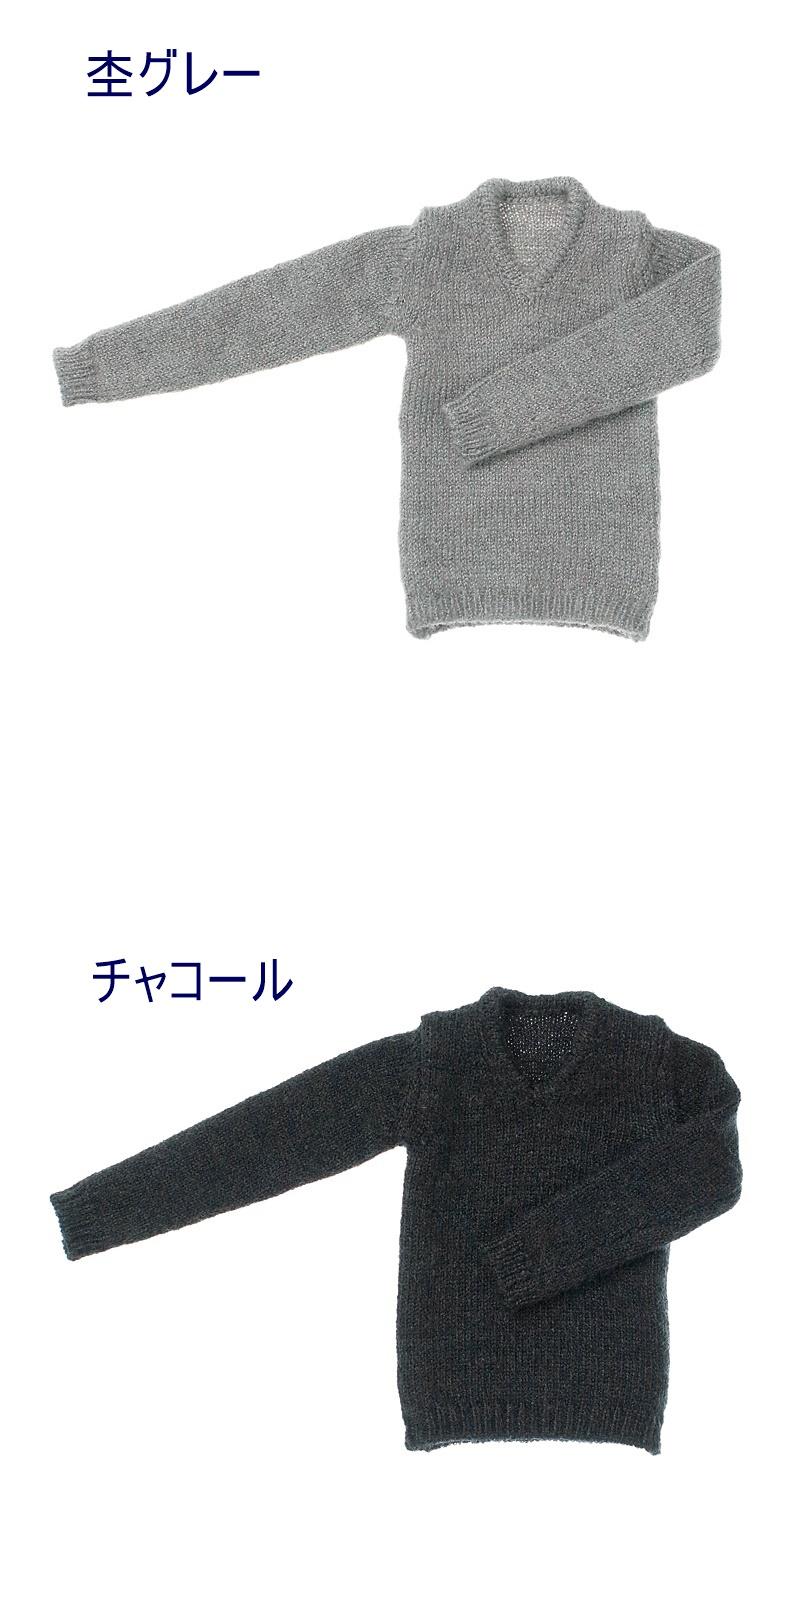 メンズVネックニット 杢グレー [5120057]